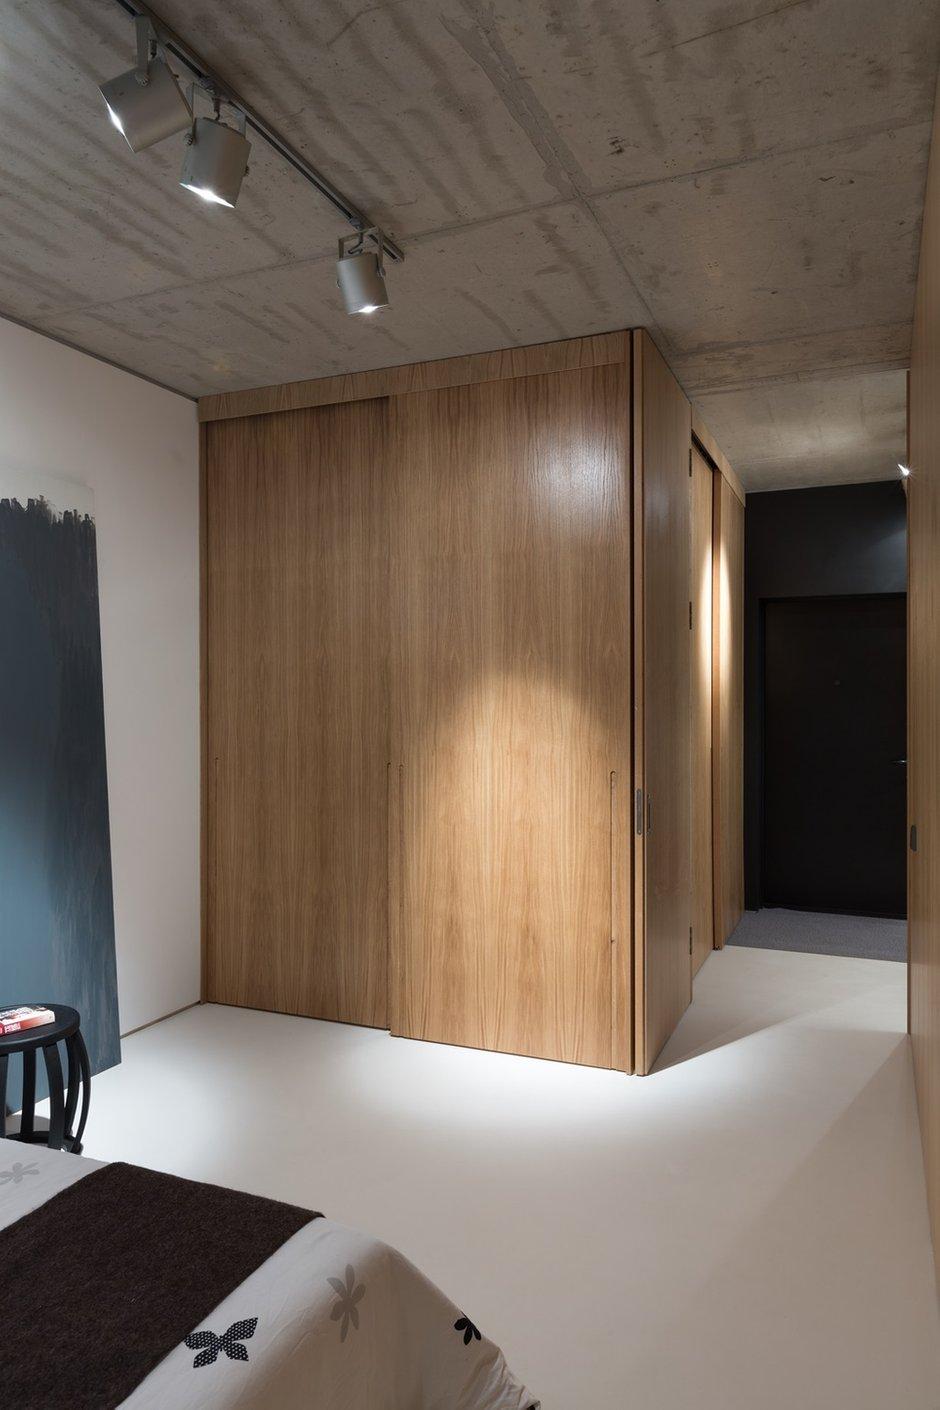 Фотография: Спальня в стиле Лофт, Малогабаритная квартира, Квартира, Украина, Дома и квартиры – фото на INMYROOM